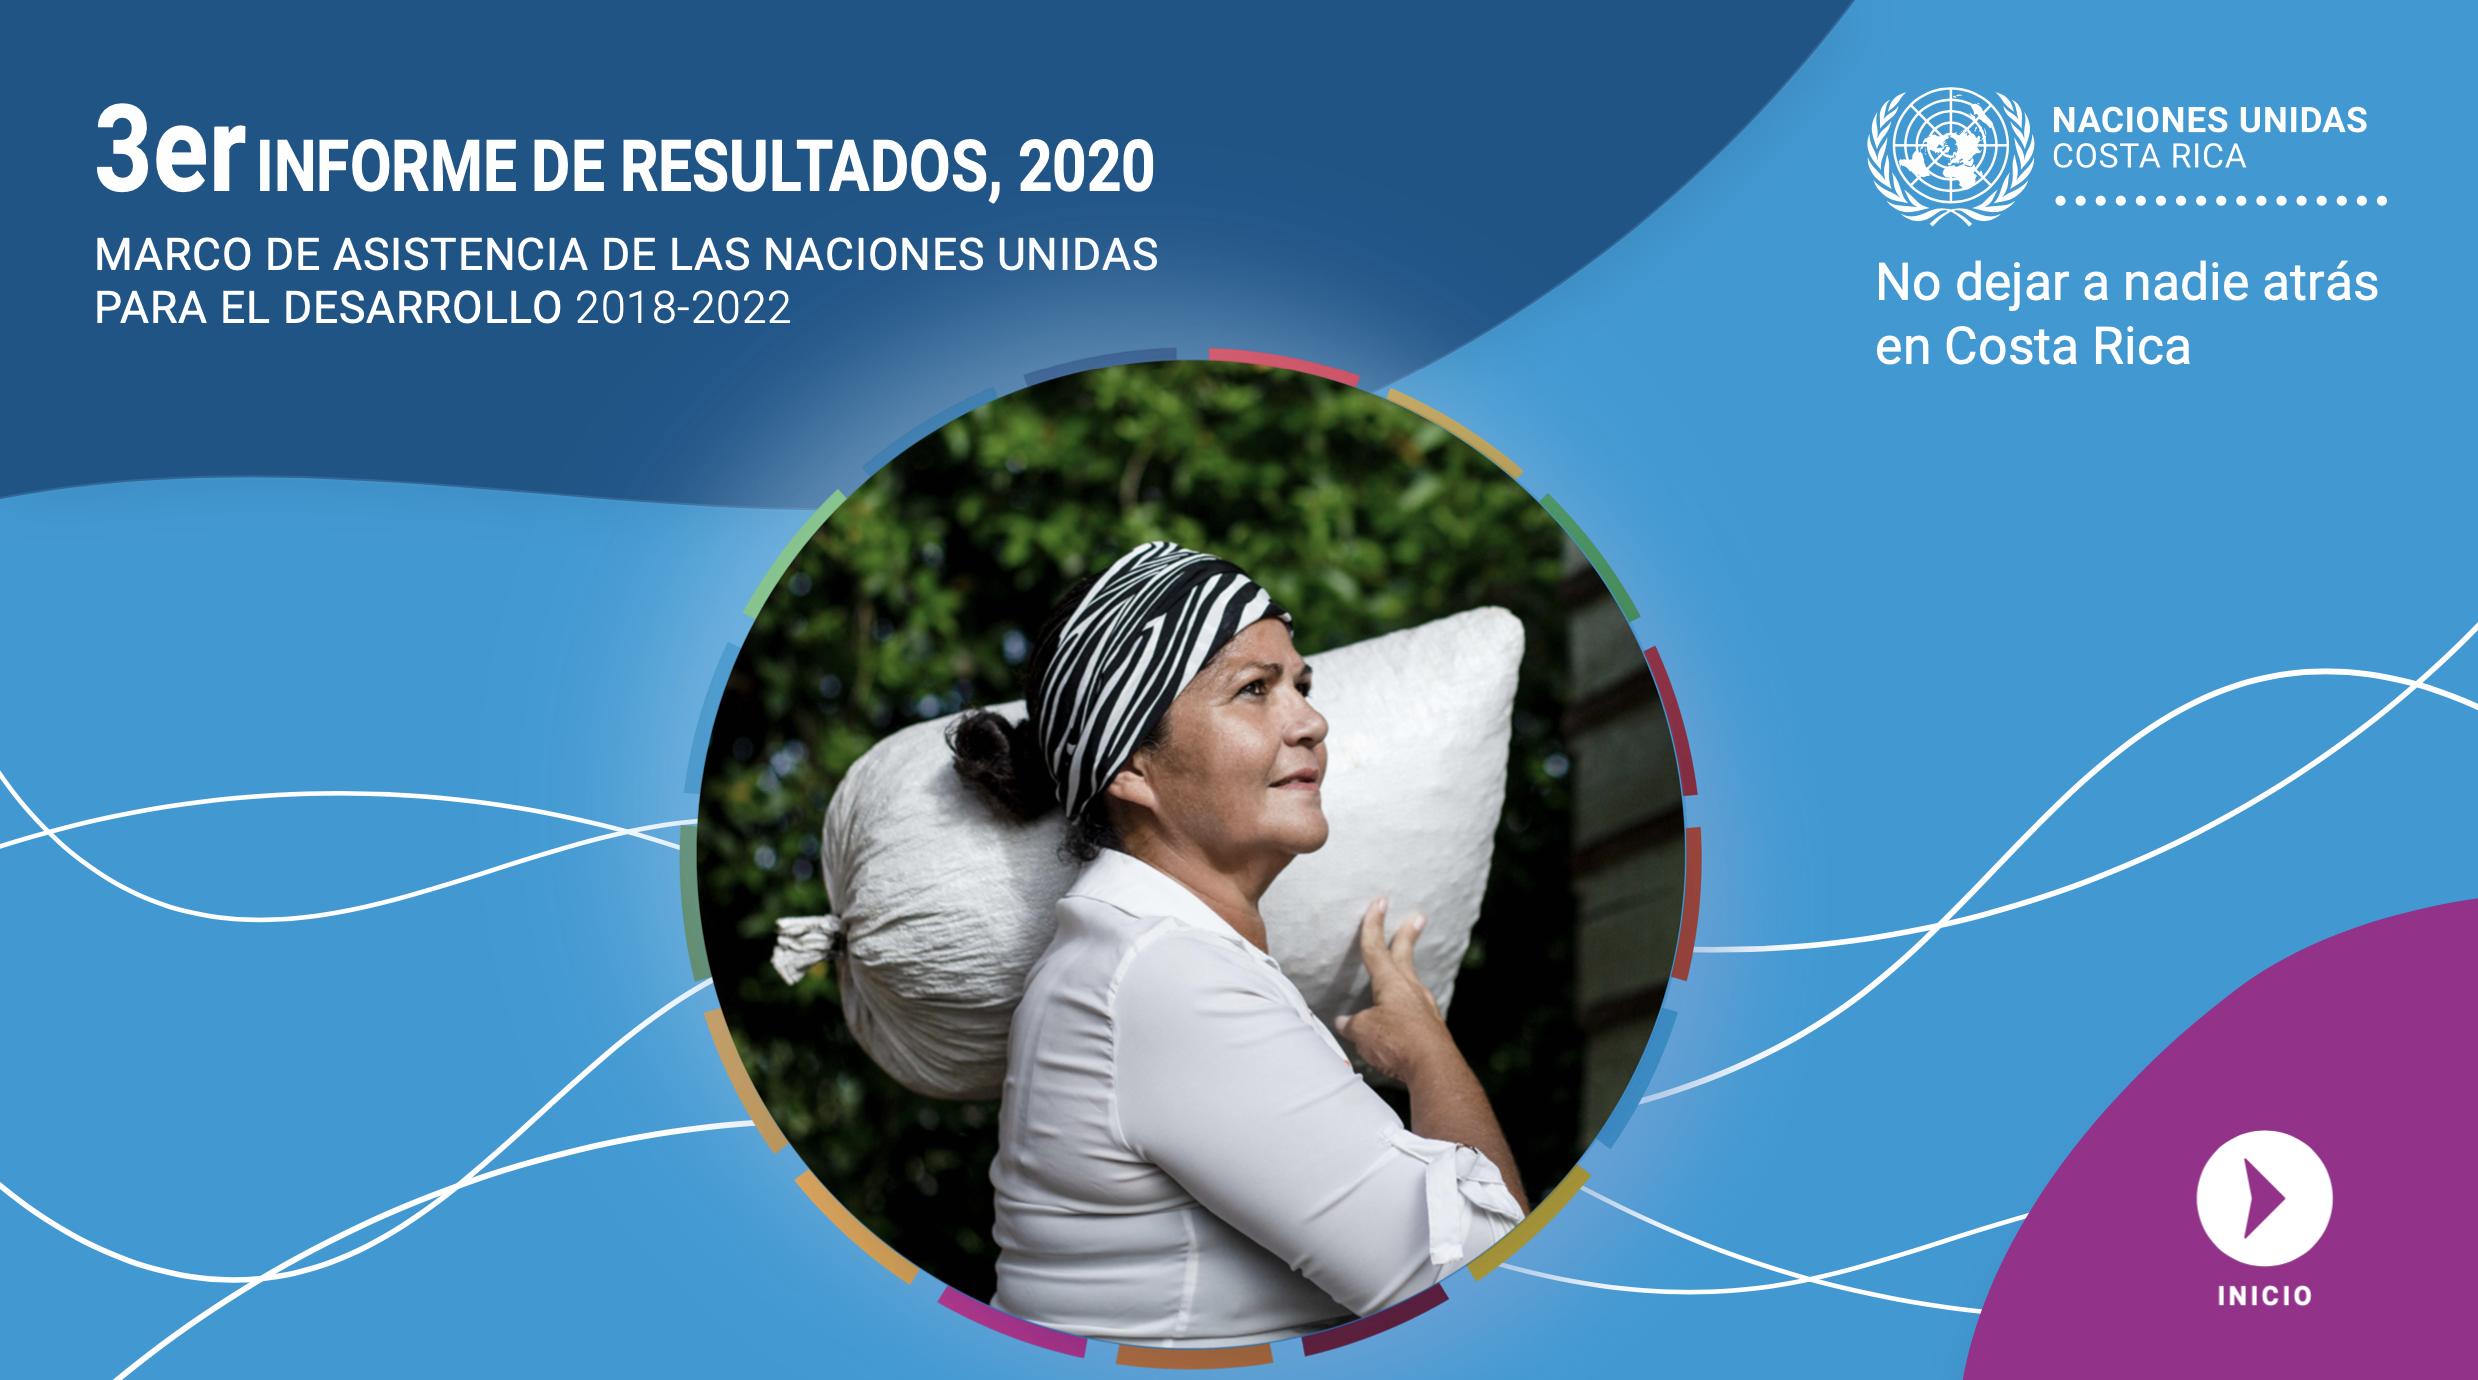 Tercer Informe de Resultados 2020 - Marco de Asistencia de las Naciones Unidas para el Desarrollo